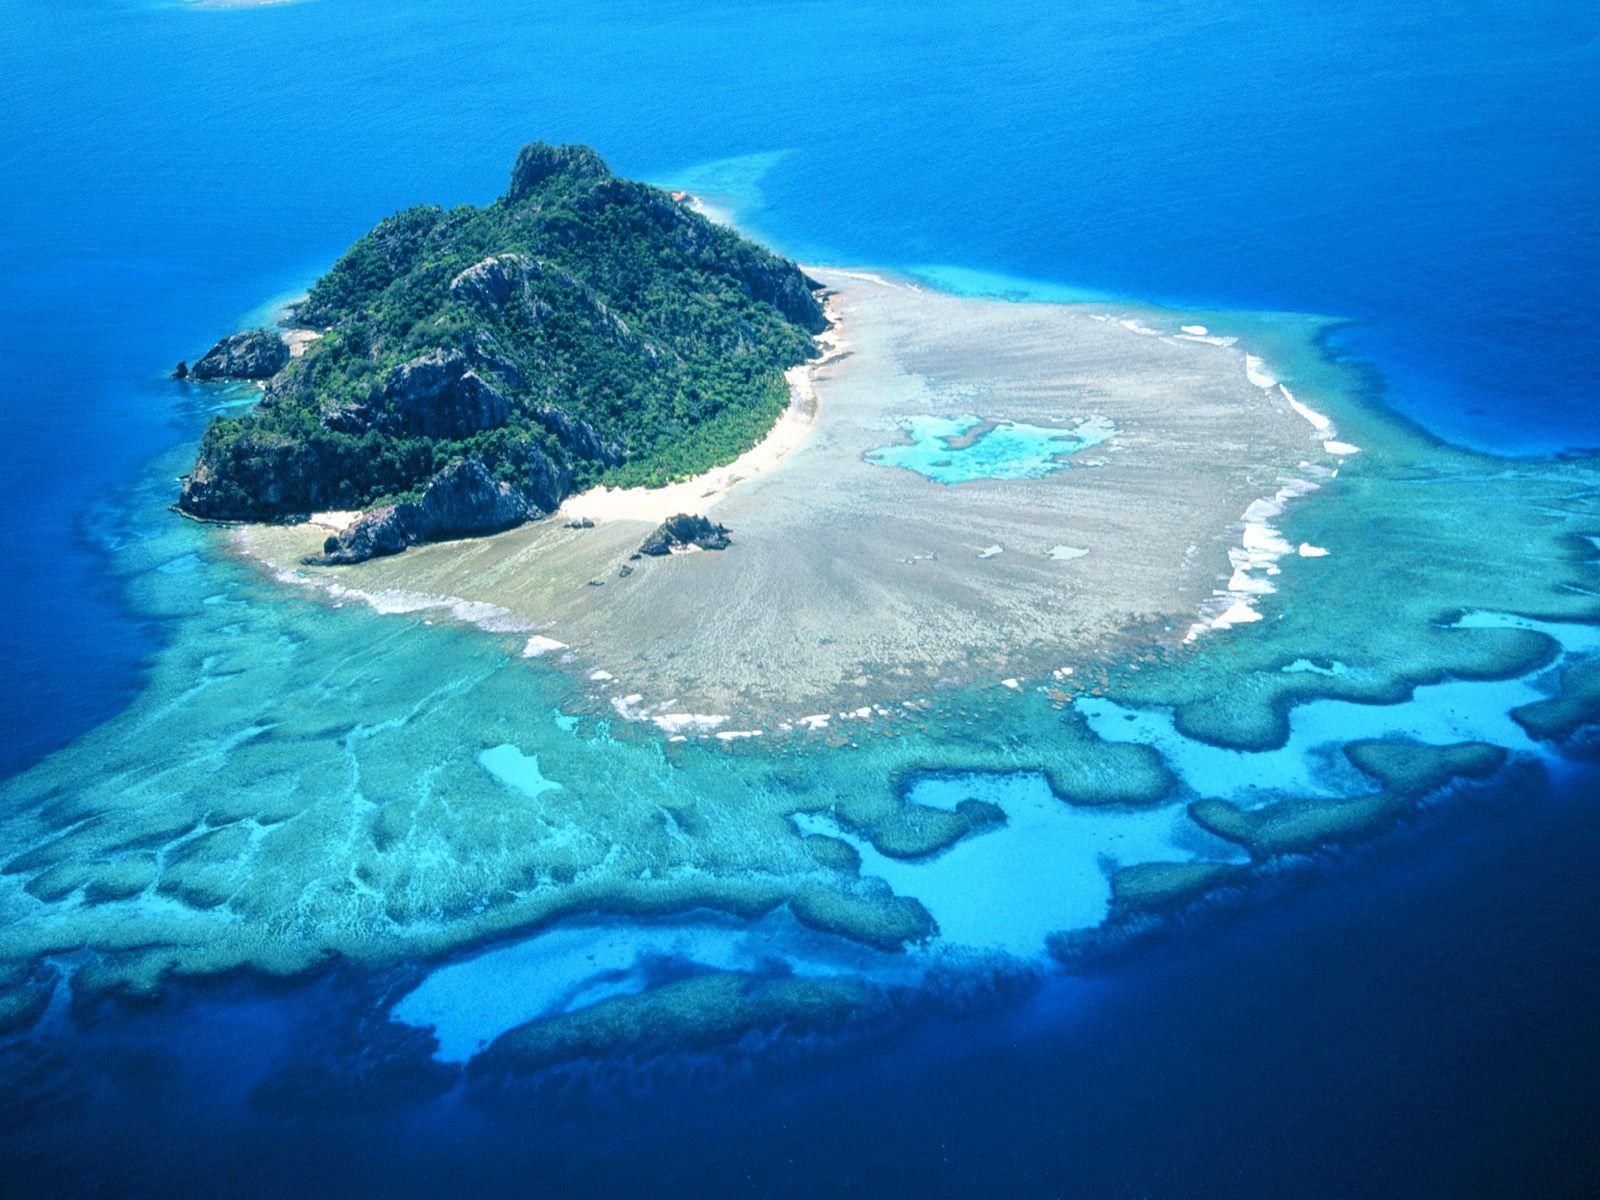 http://3.bp.blogspot.com/_V0OScaQdMy4/TNhQKUP_46I/AAAAAAAAAQE/N6wakk4uNKI/s1600/Monuriki+Island,+Mamanucas,+Fiji.jpg